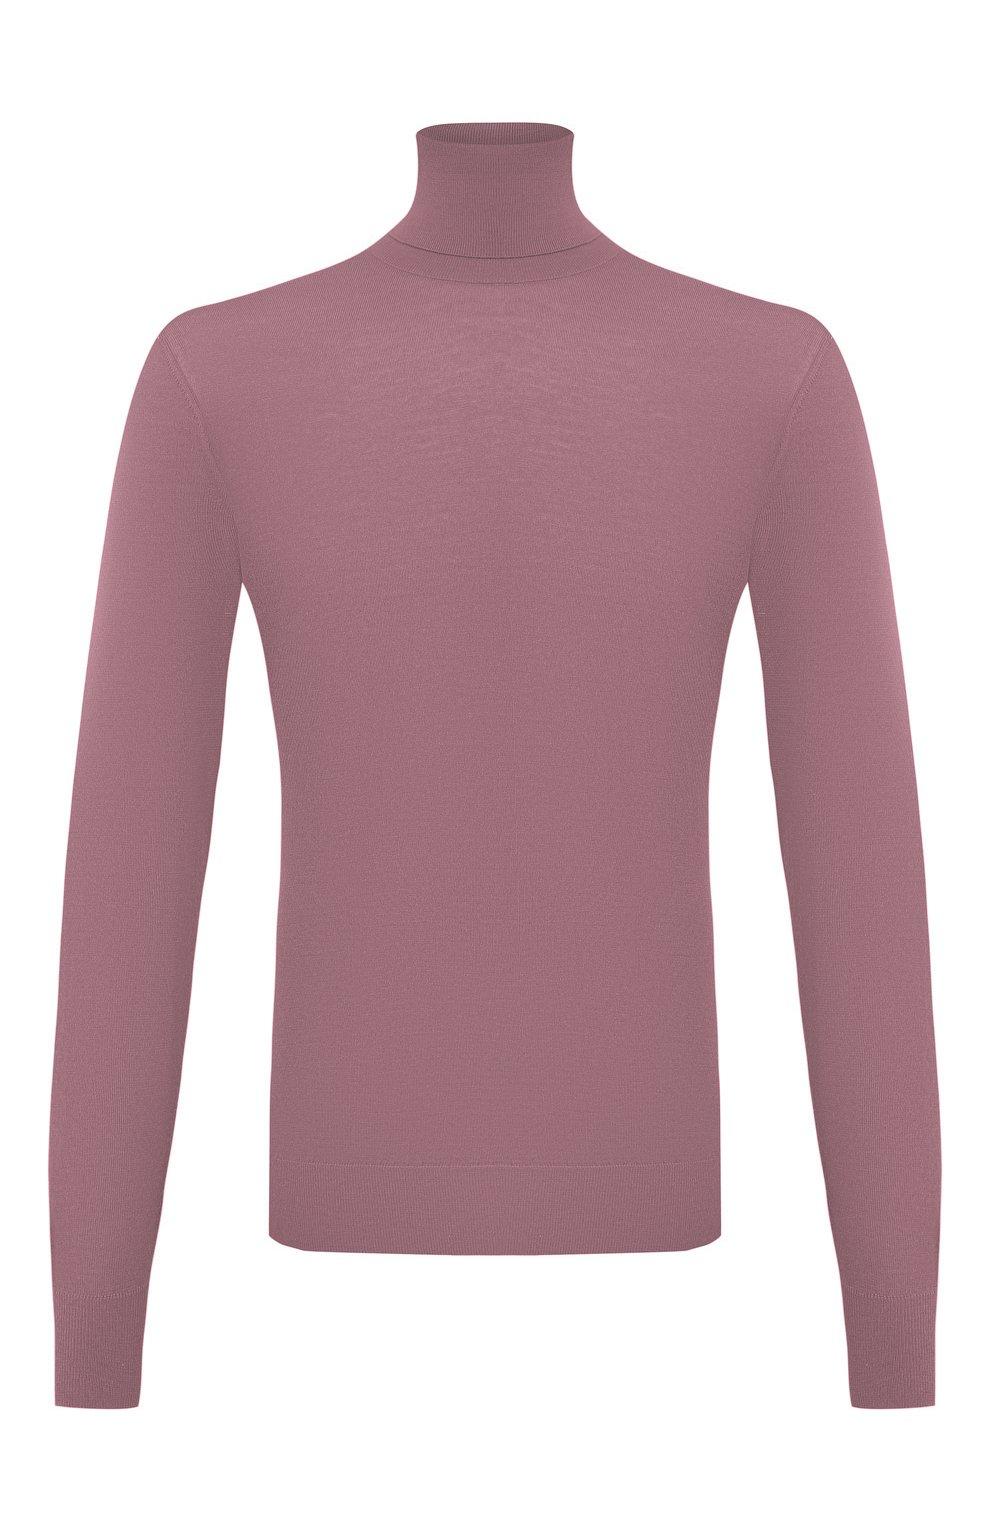 Мужской кашемировая водолазка DOLCE & GABBANA розового цвета, арт. GXB00T/JAW20   Фото 1 (Материал внешний: Шерсть, Кашемир; Рукава: Длинные; Принт: Без принта; Длина (для топов): Стандартные; Мужское Кросс-КТ: Водолазка-одежда; Стили: Кэжуэл)